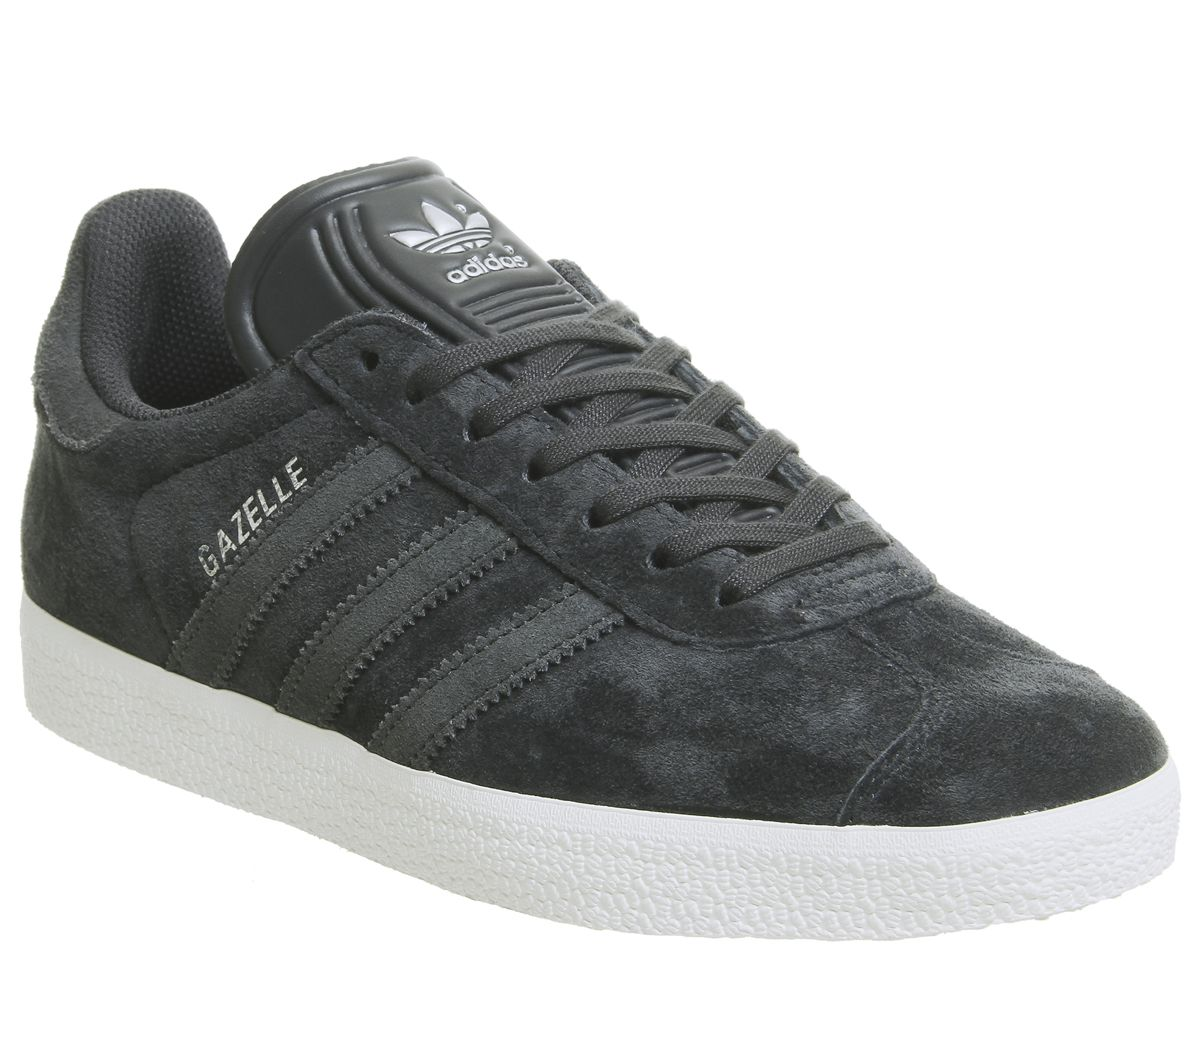 Détails sur Adidas Gazelle Pour Homme Baskets Nuit Gris carbone argent Exclusive Trainers Shoes afficher le titre d'origine